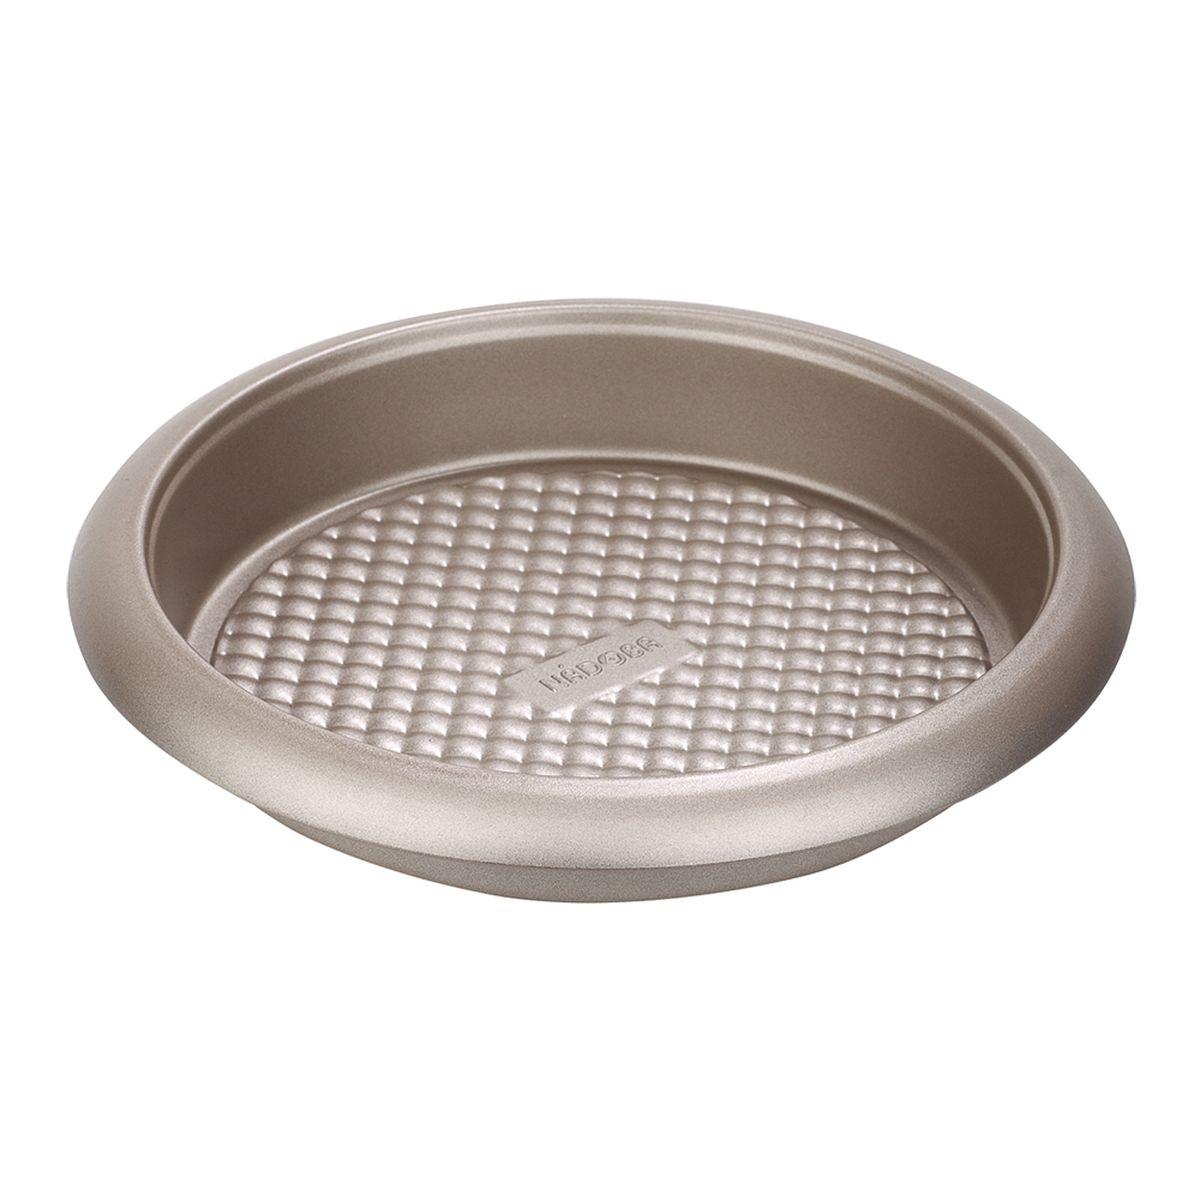 Форма для выпечки Nadoba, круглая, антипригарная форма nadoba для 6 маффинов стальная антипригарная